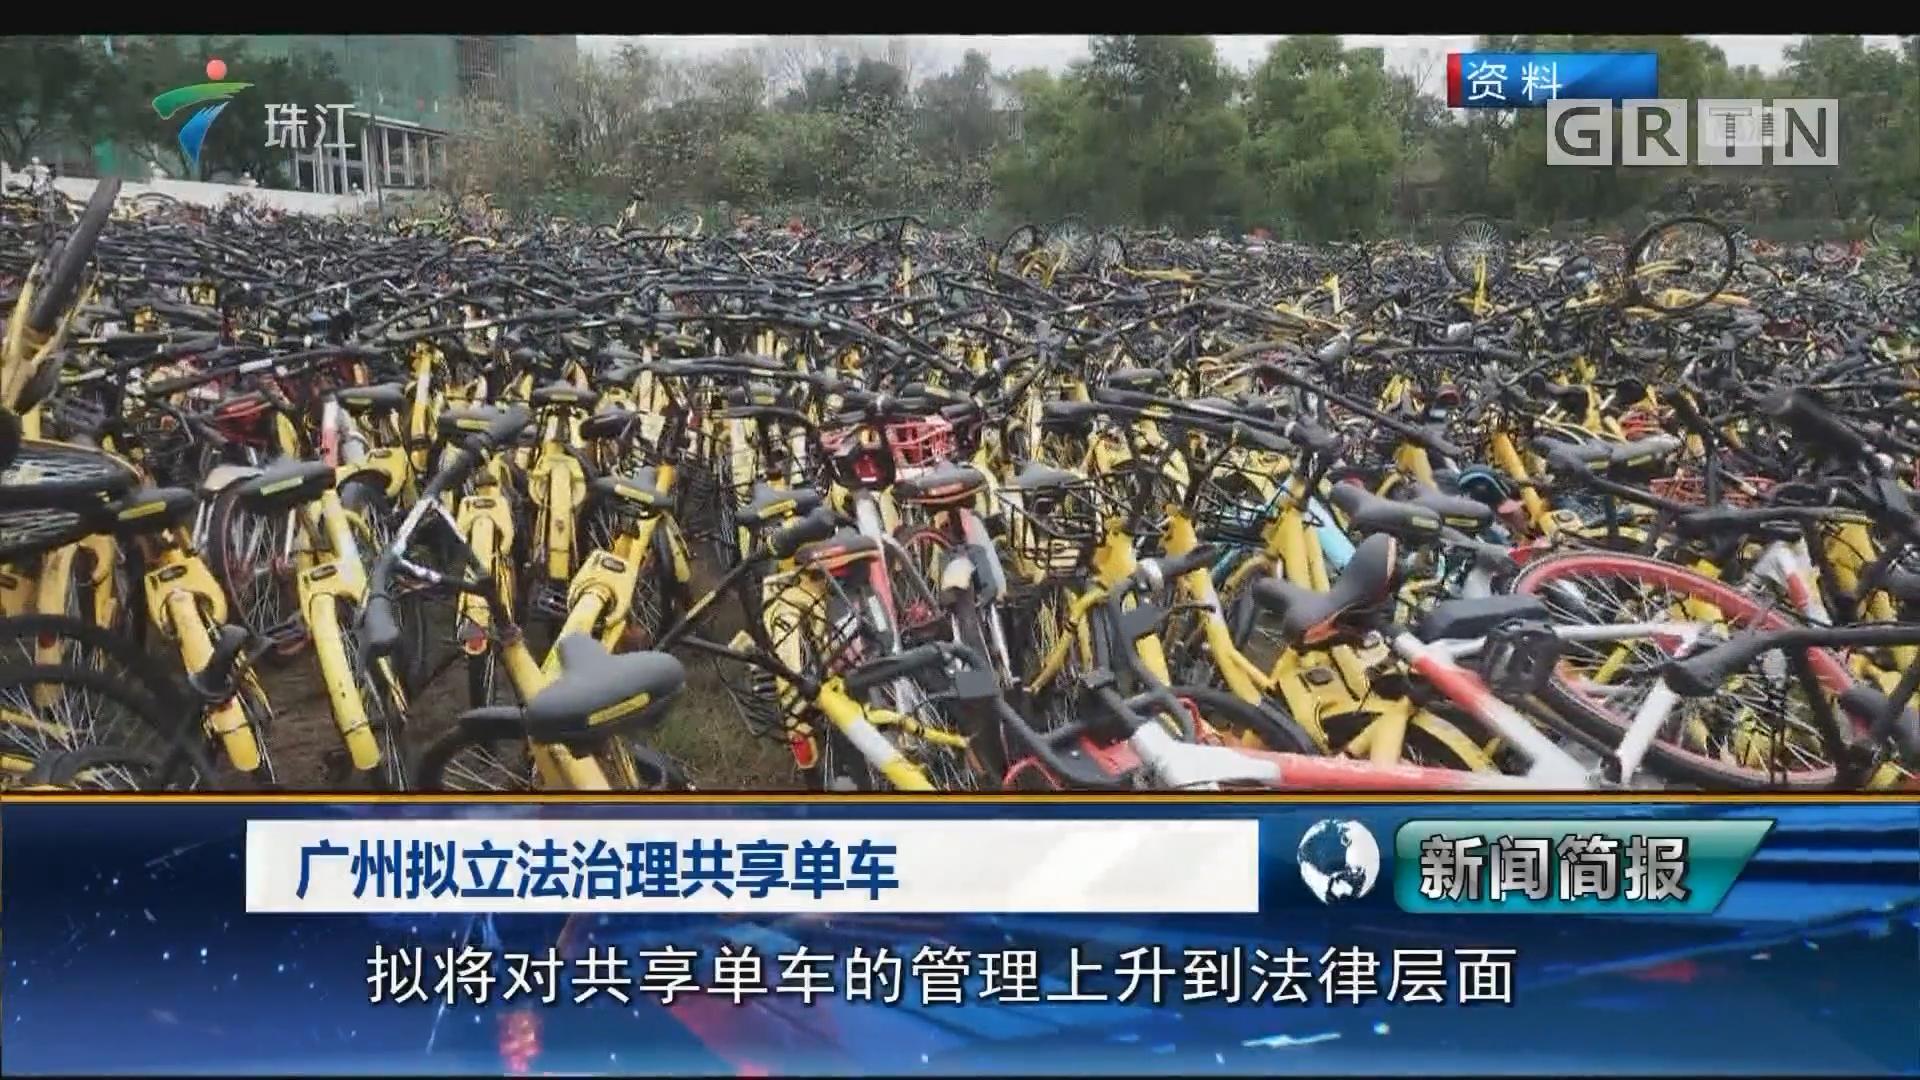 广州拟立法治理共享单车